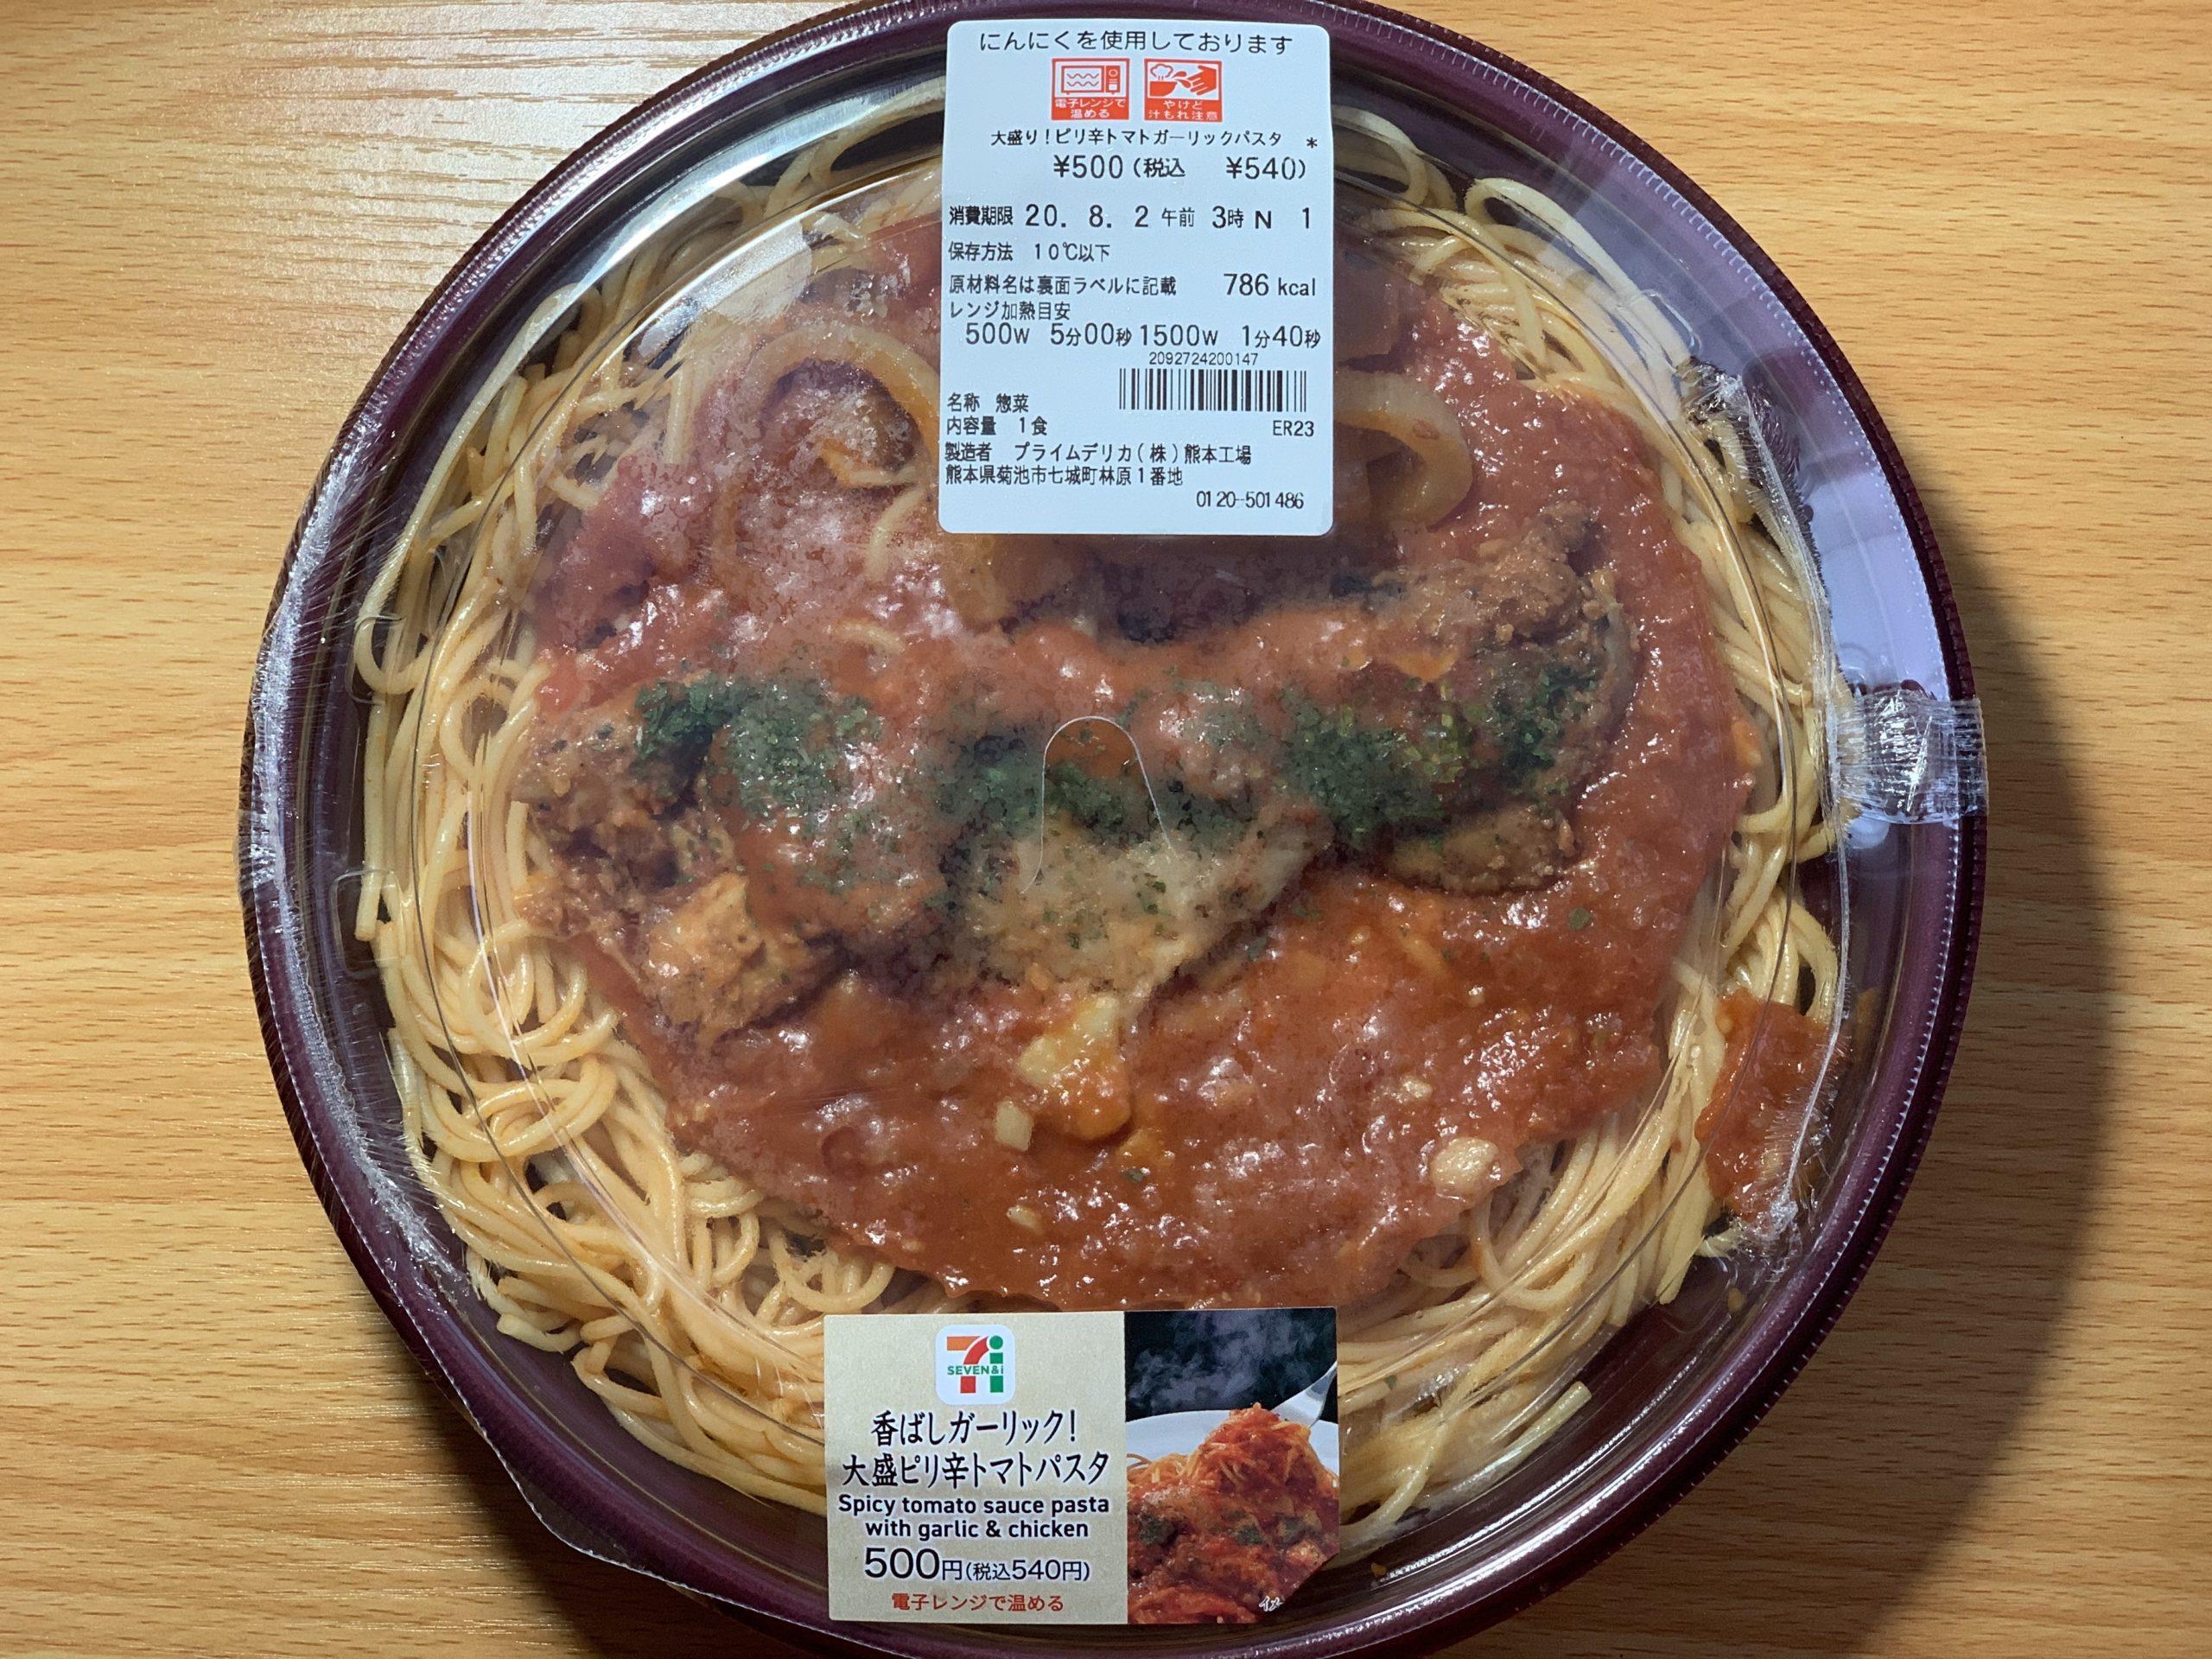 大盛ピリ辛トマトパスタのパッケージ